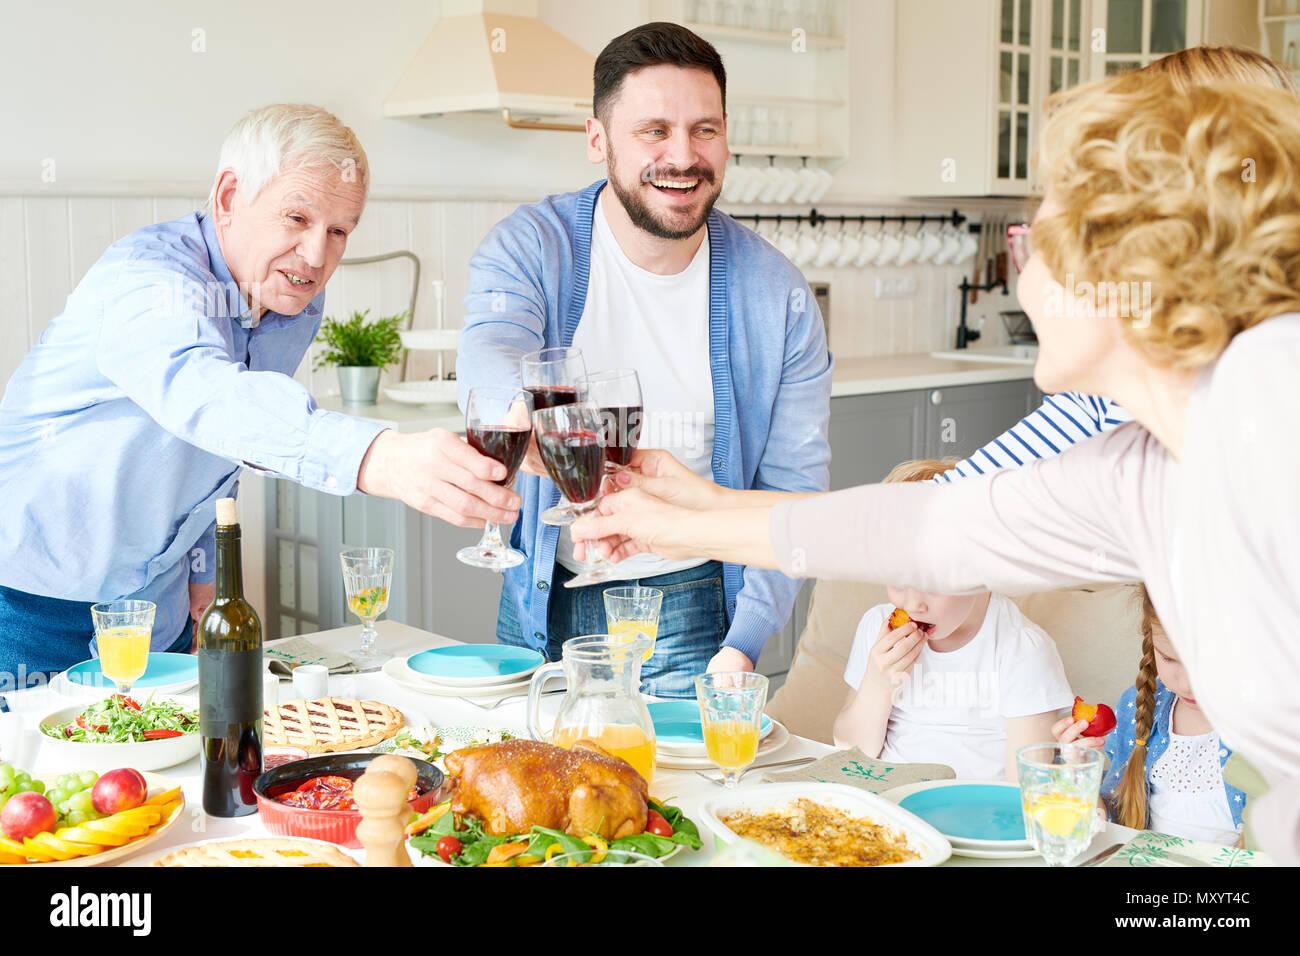 Portrait von glückliche zwei Generation Familie Abendessen zusammen anstoßen und ständigen Schiebeschalter an festlichen Tisch während der Ferien Feier Stockbild